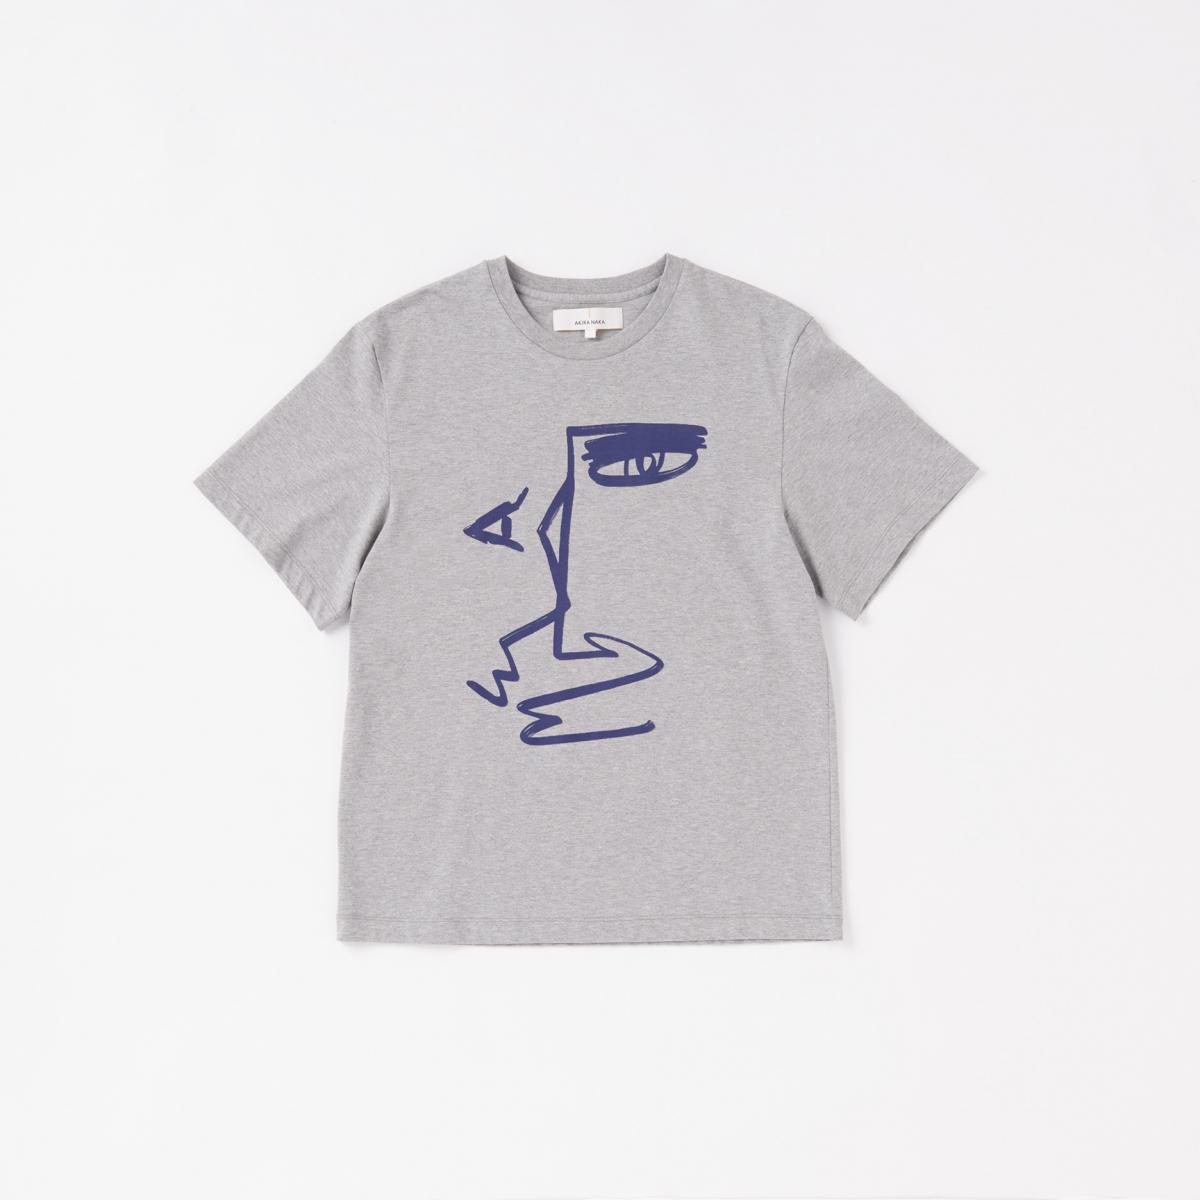 巨匠の絵画を彷彿とさせるプリントTシャツ【アキラナカ】